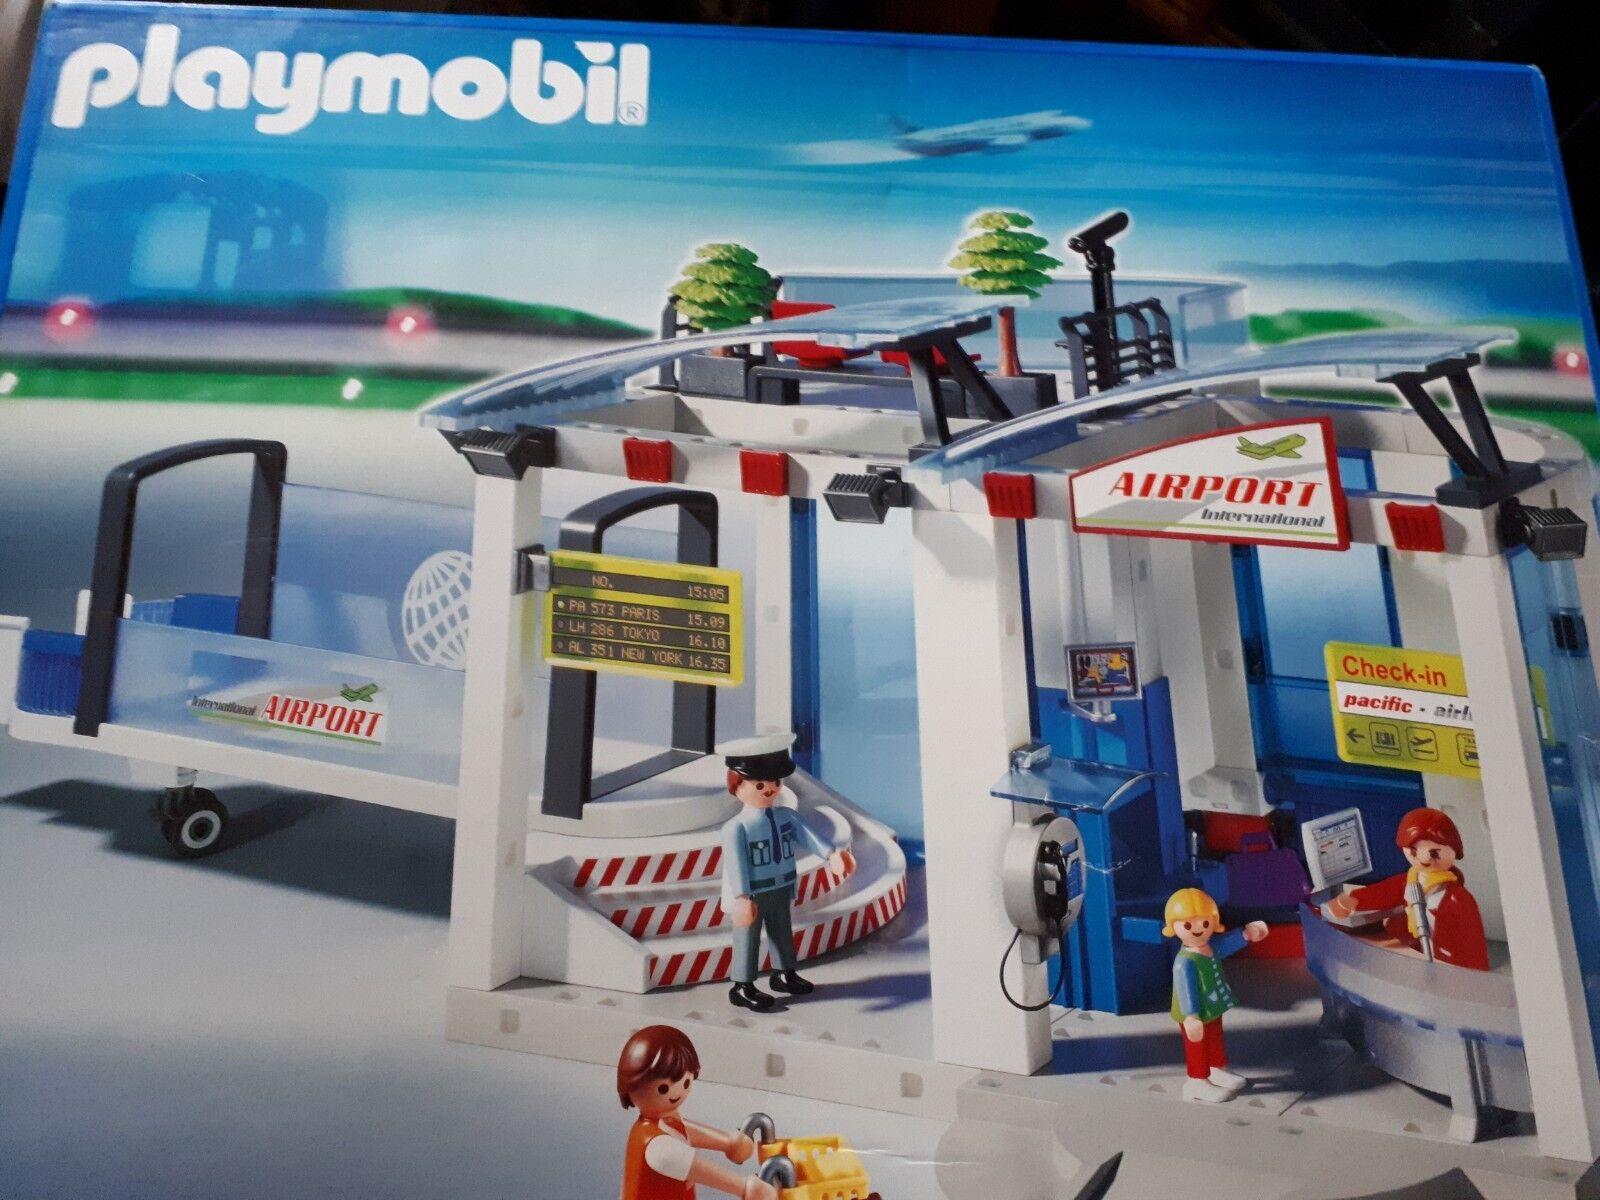 Playmobil 4311 Flughafen Citylife Weihnachten Geschenk Spielzeug